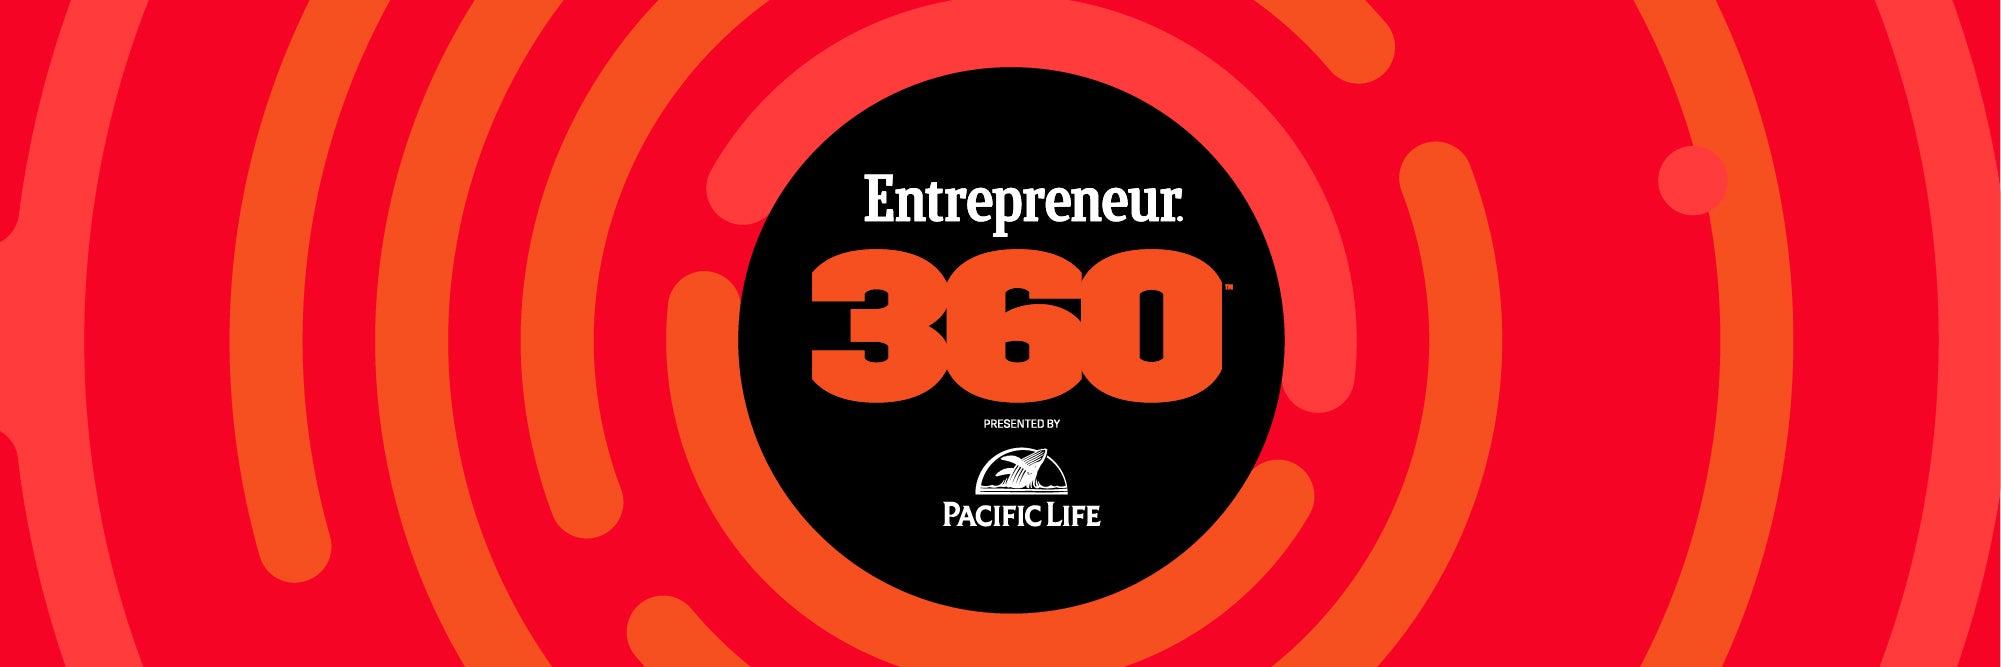 Entrepreneur 360 2019